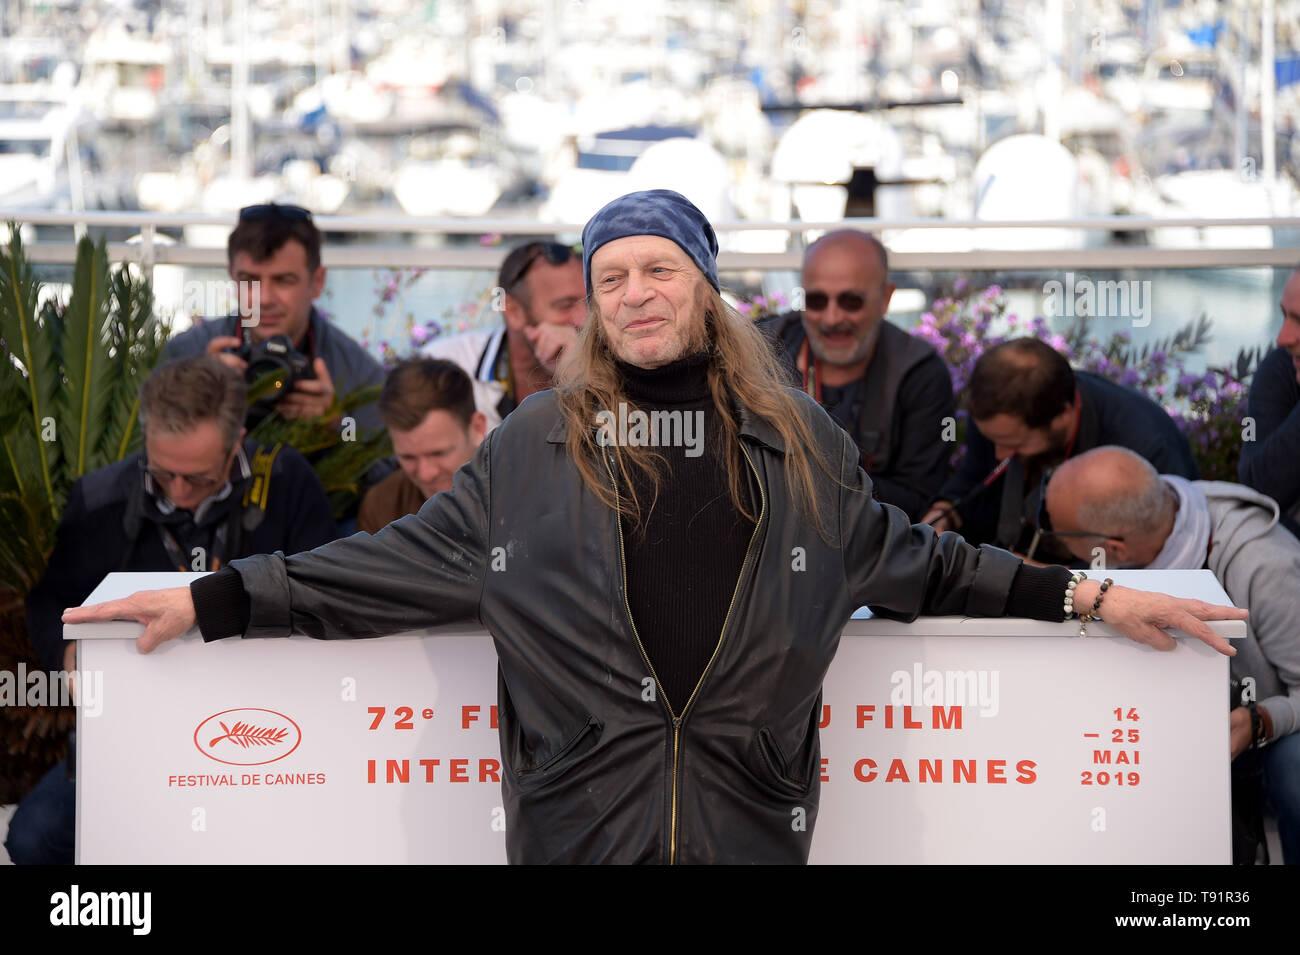 Cannes, Francia. 16 de mayo de 2019. 72ª edición del Festival de Cannes 2019, la película 'Photocall' brillante Foto: Leon Vitali Crédito: Agencia Fotográfica Independiente/Alamy Live News Foto de stock